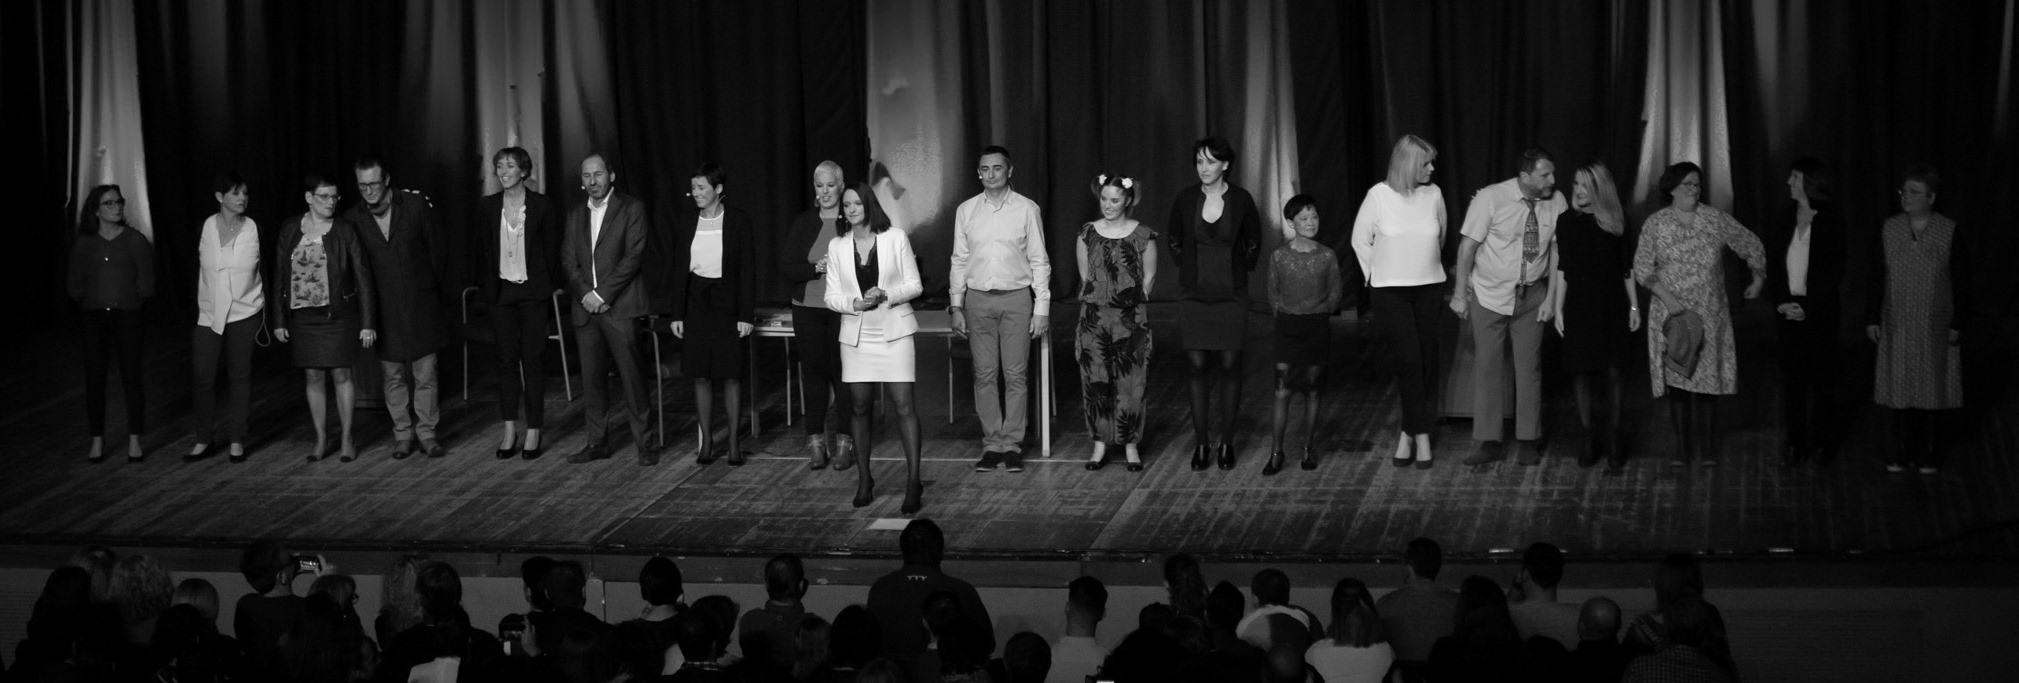 Le 29/11/2018, l'équipe d'Actif Conseil est montée sur scène devant 600 clients pour célébrer les 30 ans du cabinet, en interprétant une pièce de théâtre spécialement écrite pour nous !